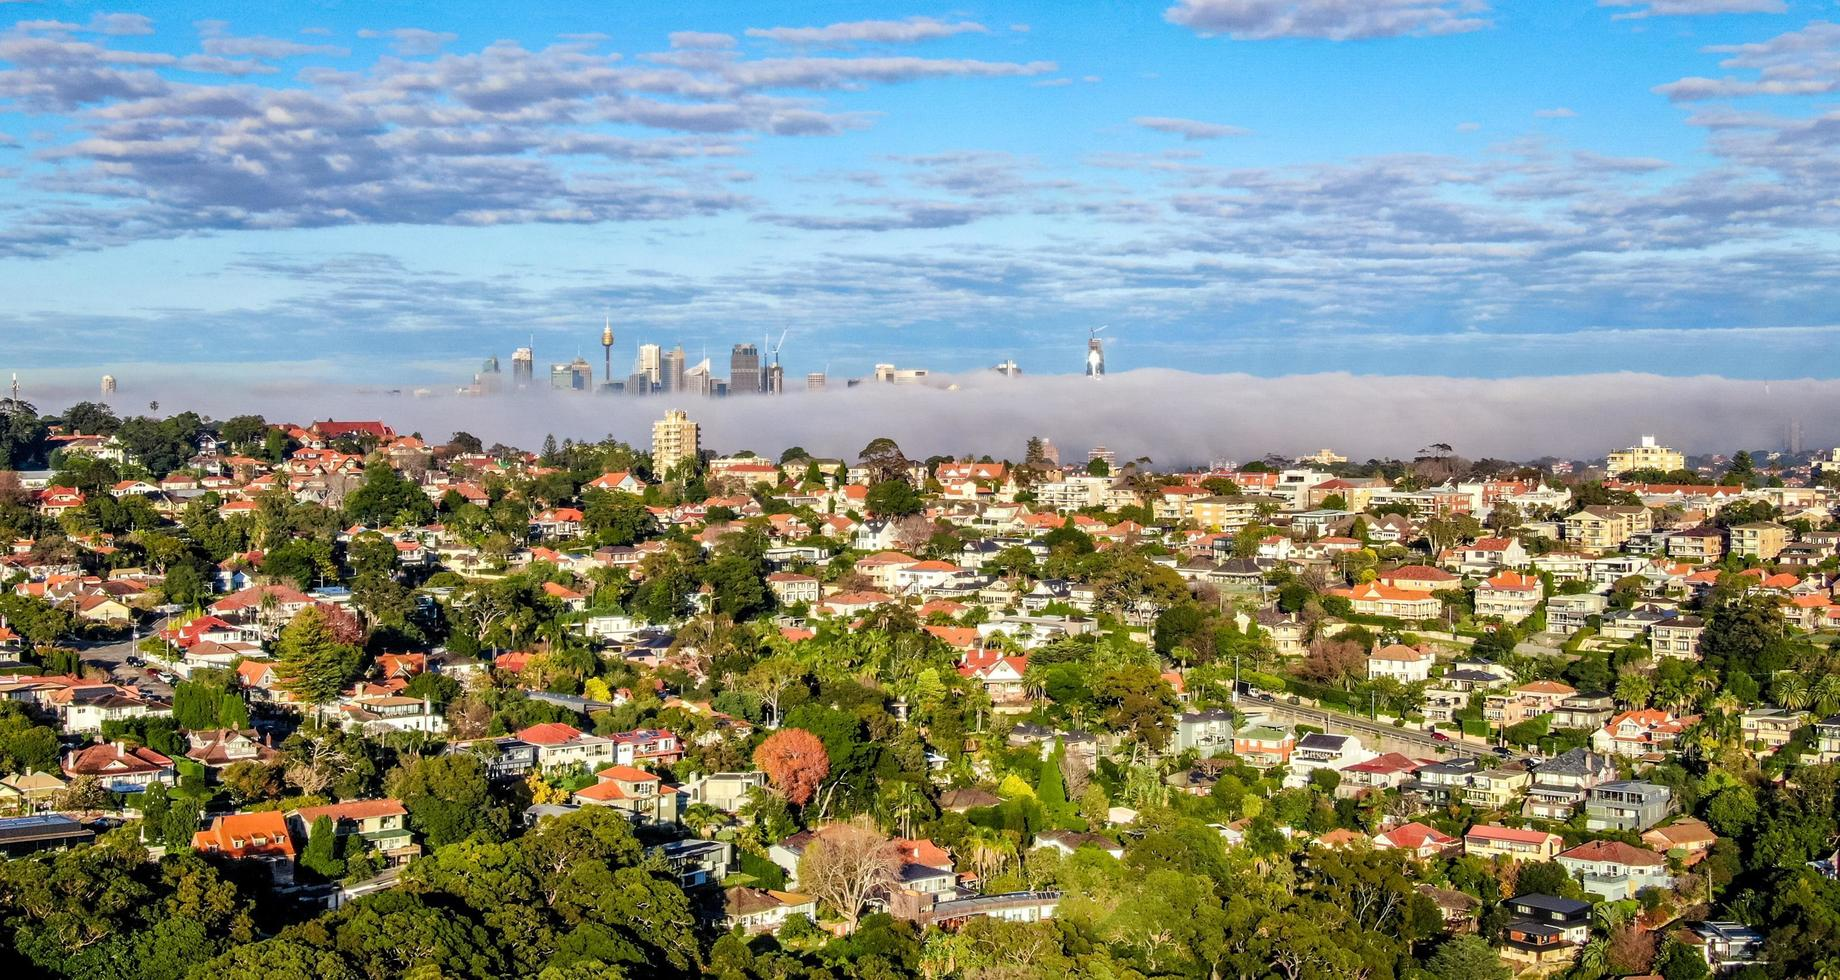 Sydney, Australien, 2020 - Luftaufnahme von Stadtgebäuden während des Tages foto